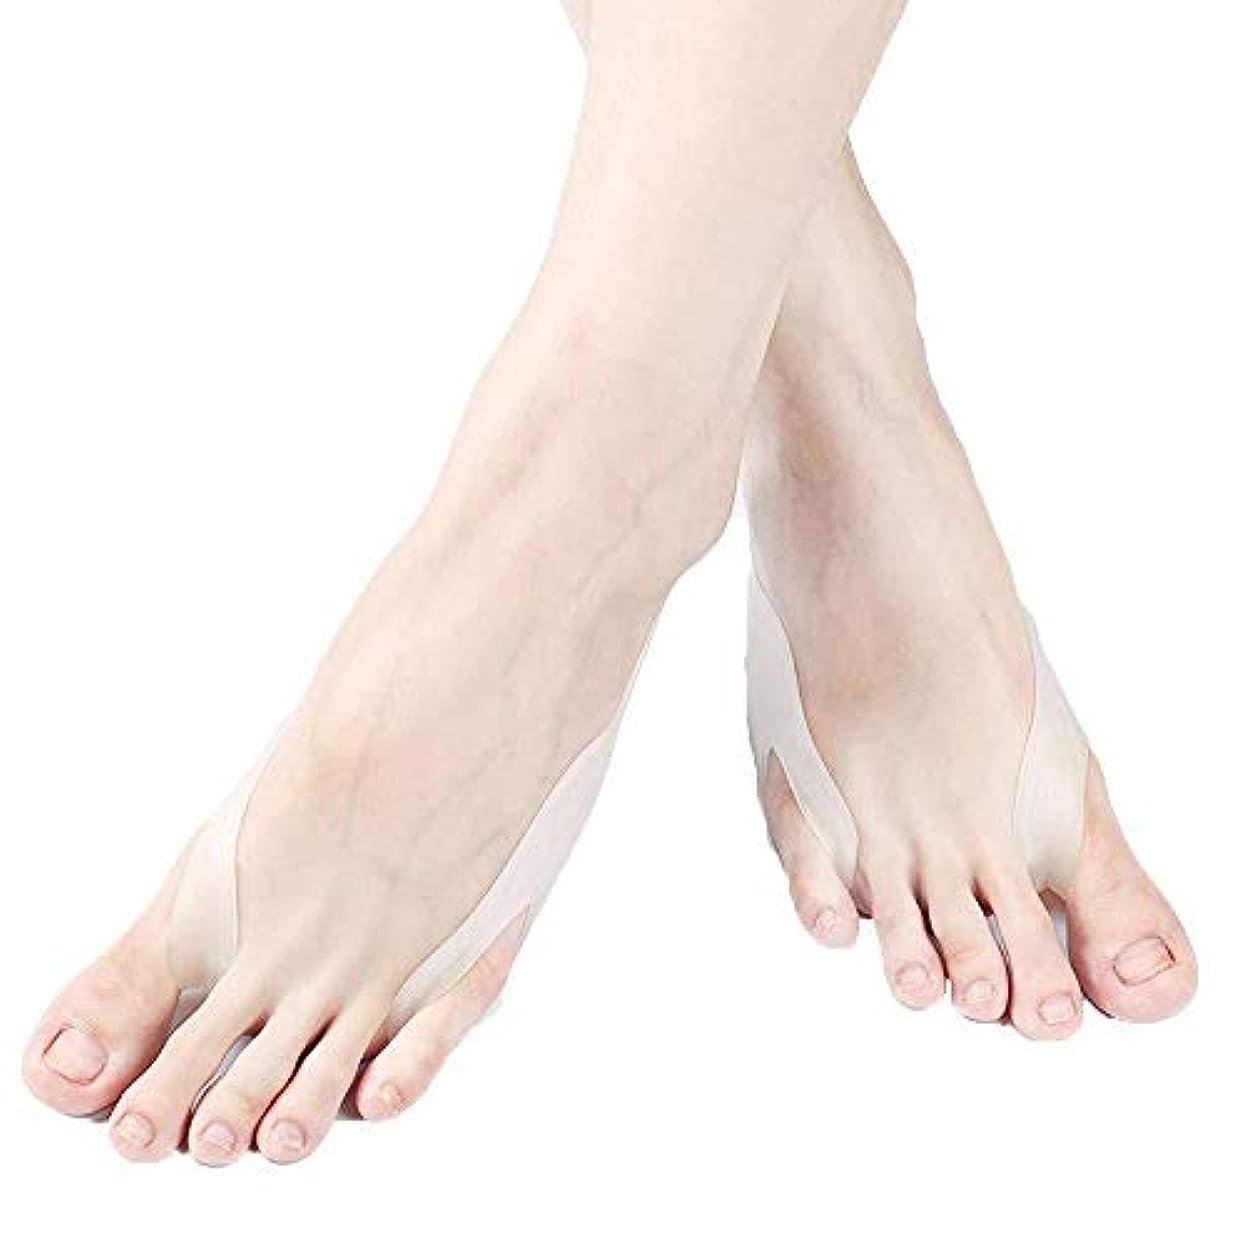 セールブラウズ金銭的つま先セパレーター、男性用および女性用ソックスの爪先強度のための夜間および昼間の外反母パッド用のつま先矯正